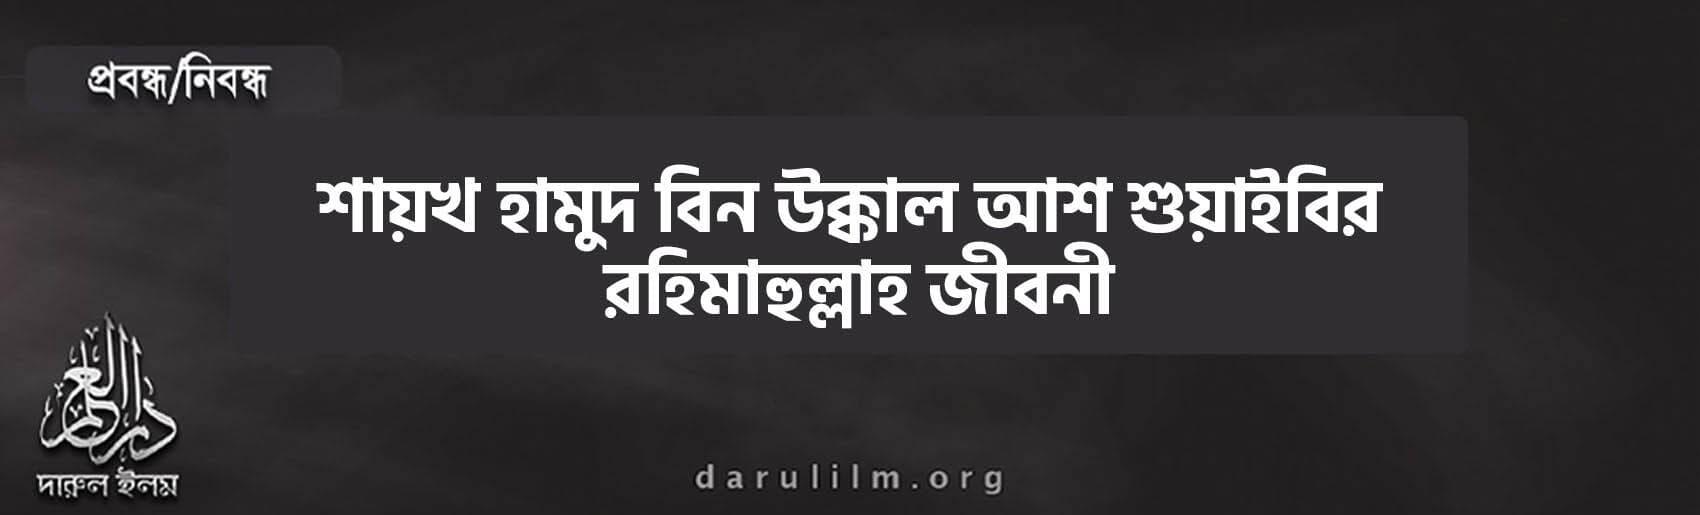 শায়খ হামুদ বিন উক্বলা আশ শুয়াইবির রাহিমাহুল্লাহ জীবনী